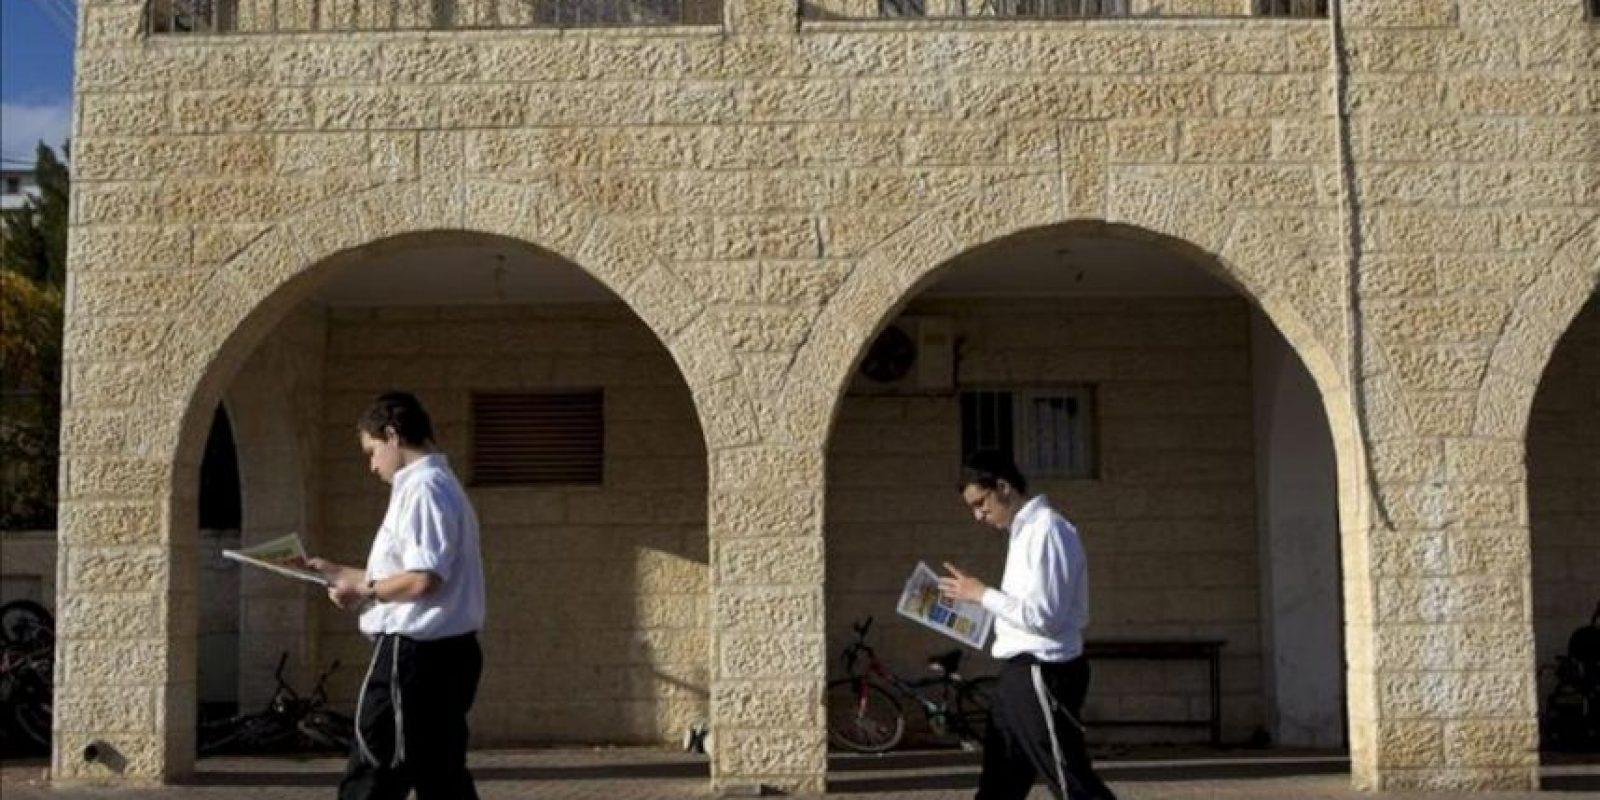 Unos judíos ultraortodoxos leen el periódico mientras caminan por la colonia judía de Ramat Shlomo, considerada parte de Jerusalén Este, Israel, hoy, miércoles 19 de diciembre de 2012. EFE